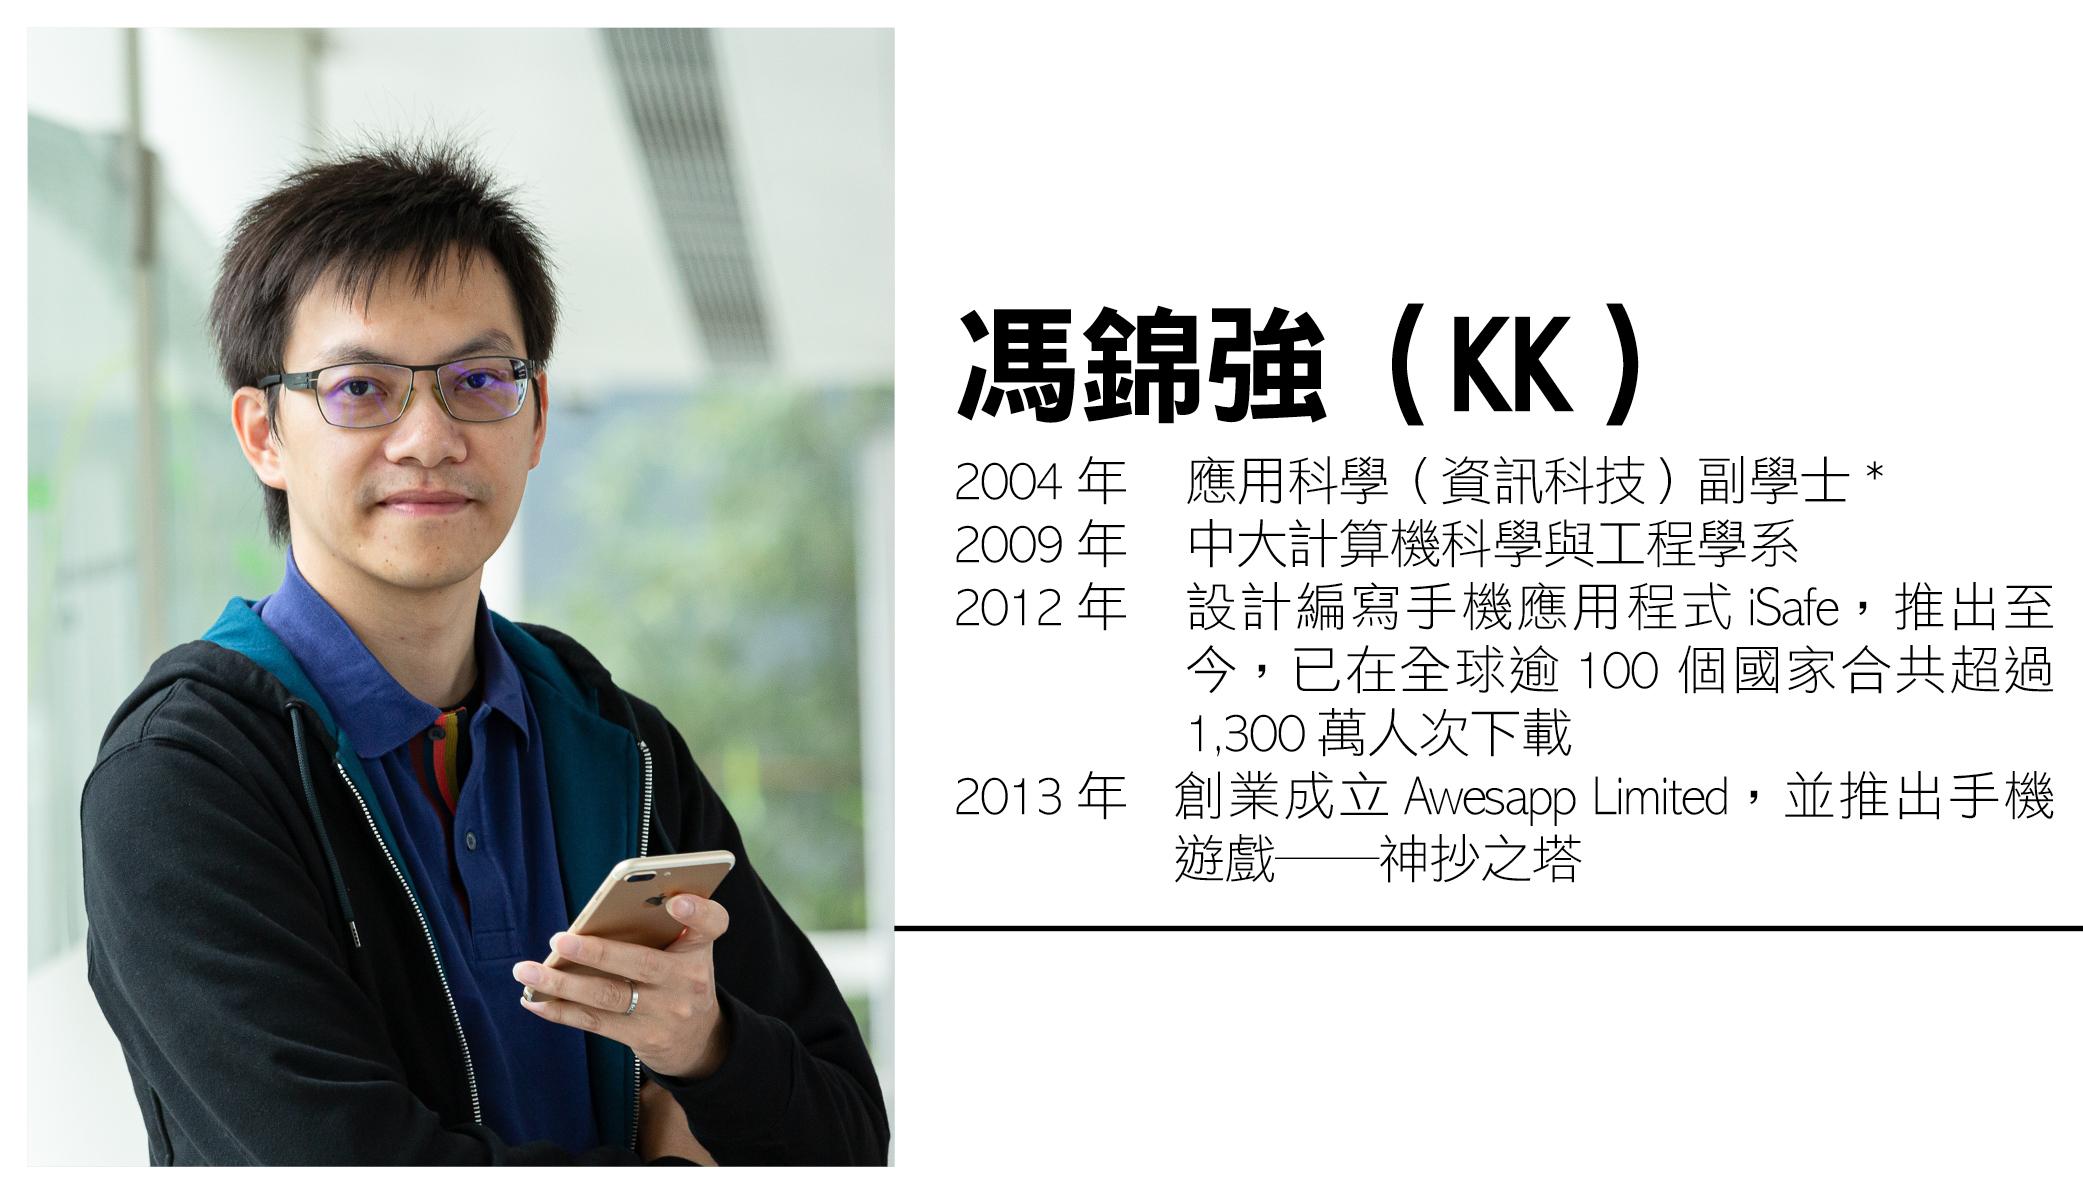 教育傳媒:馮錦強(KK)